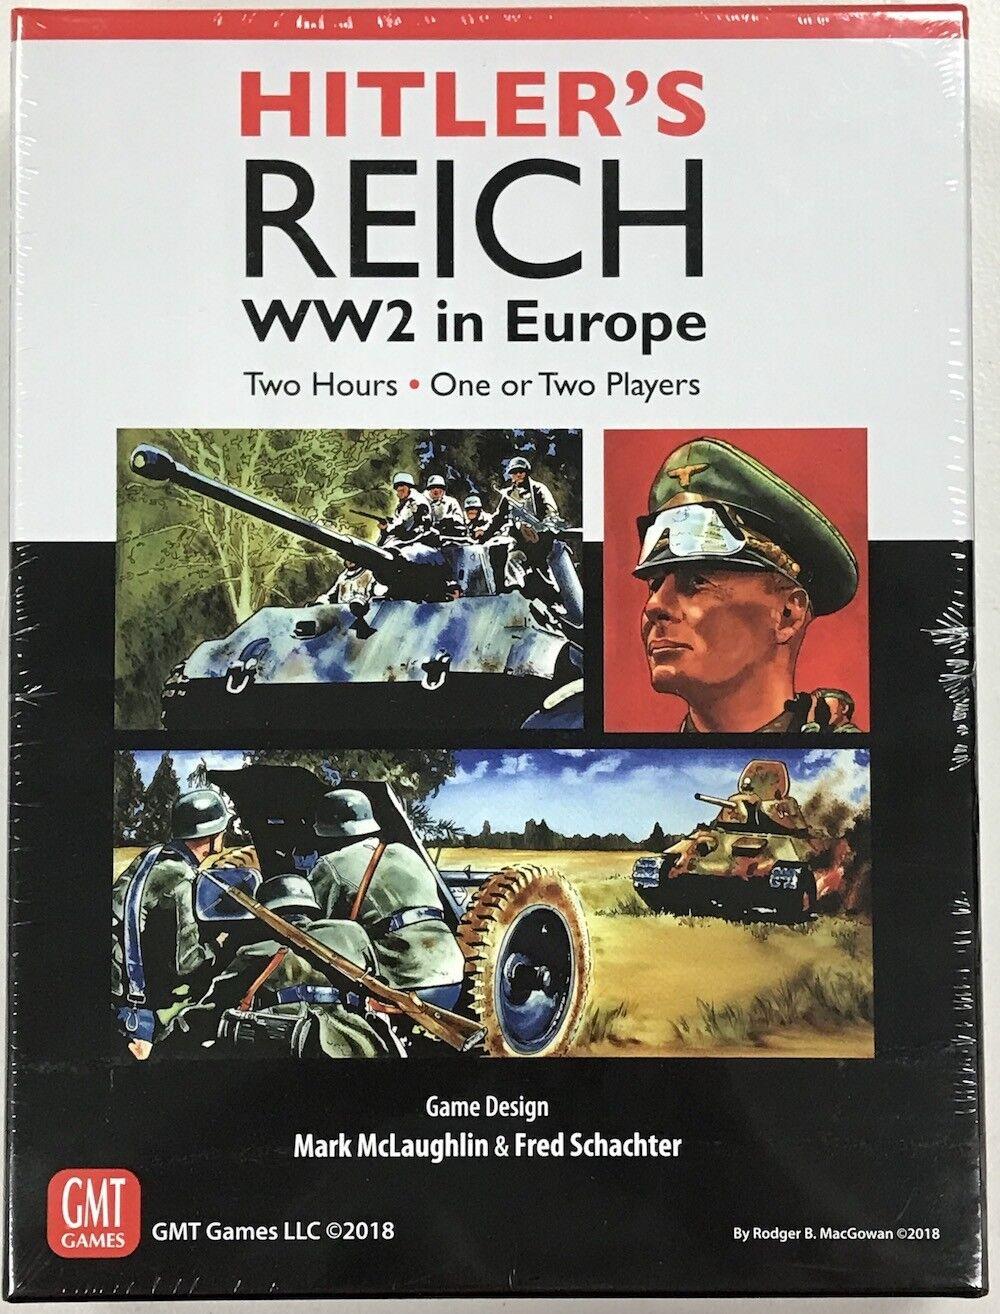 Hitlers reich des zweiten weltkrieges in europa gmt (2018).